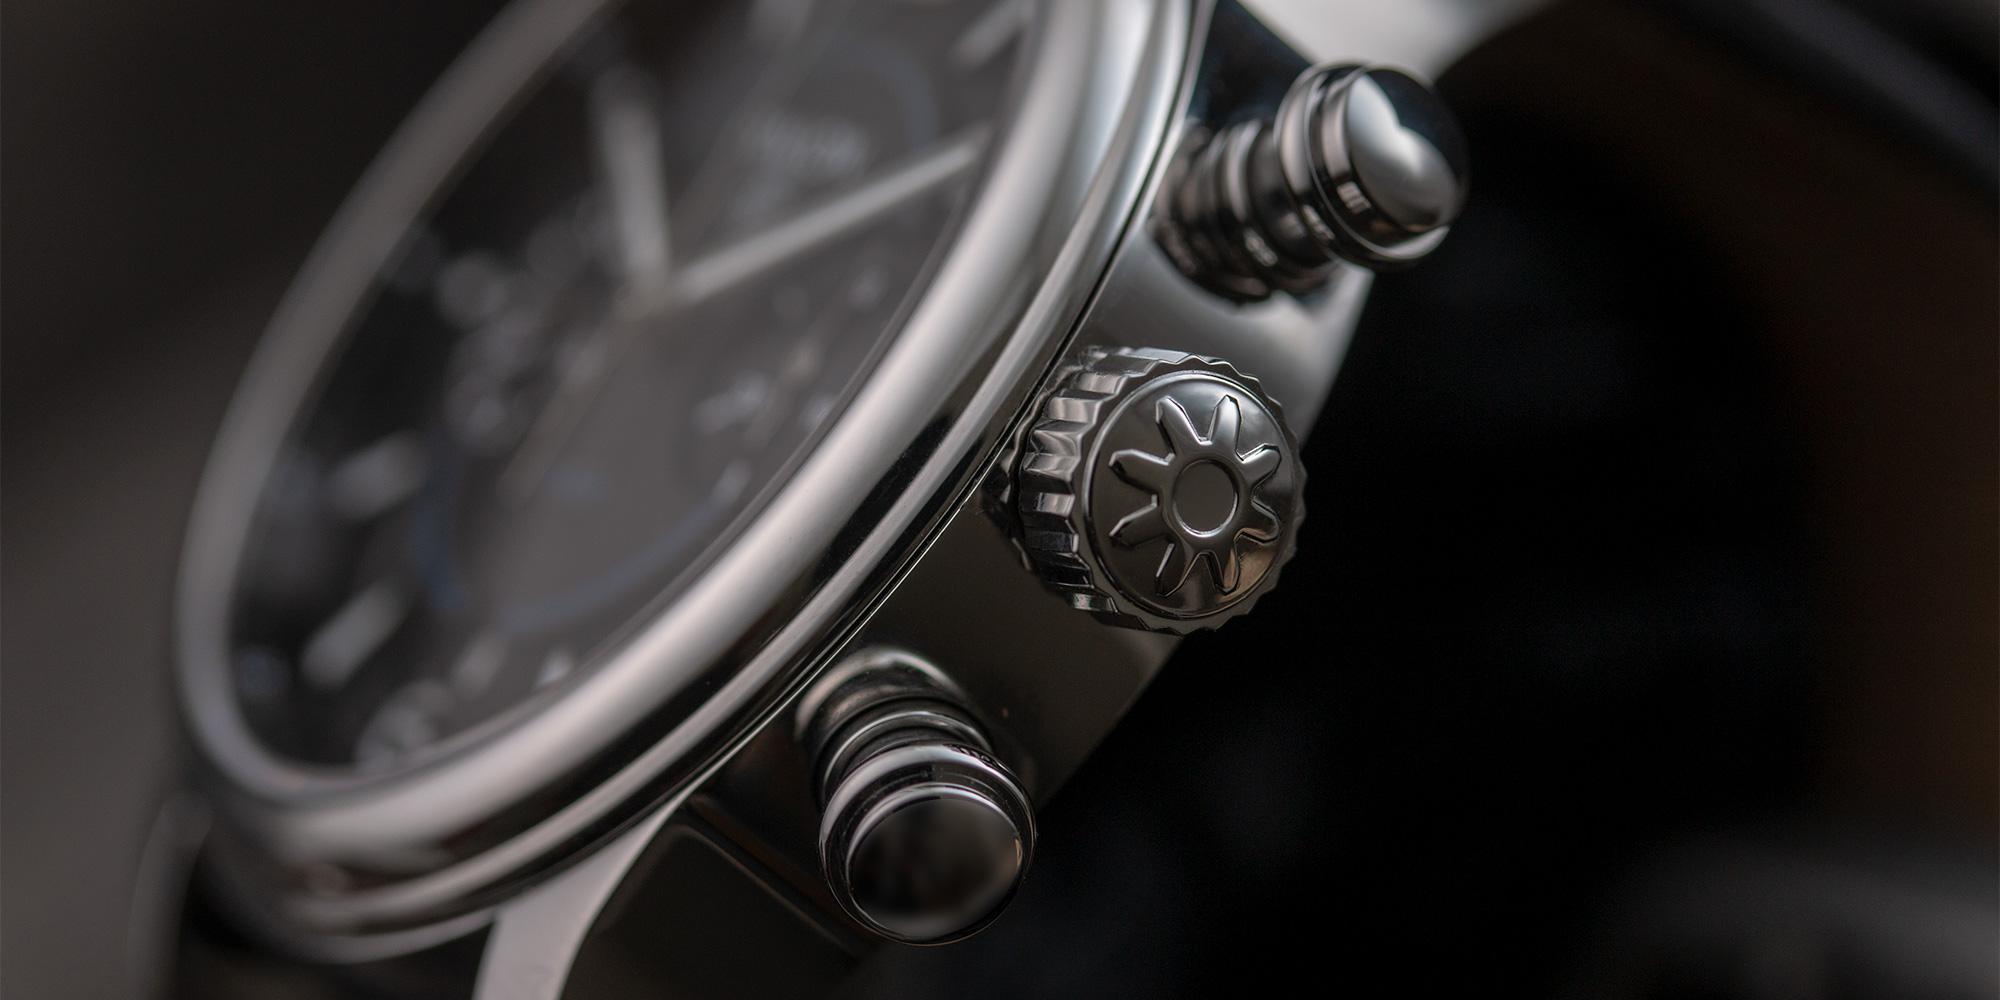 pinion-r1969-chronograph-003